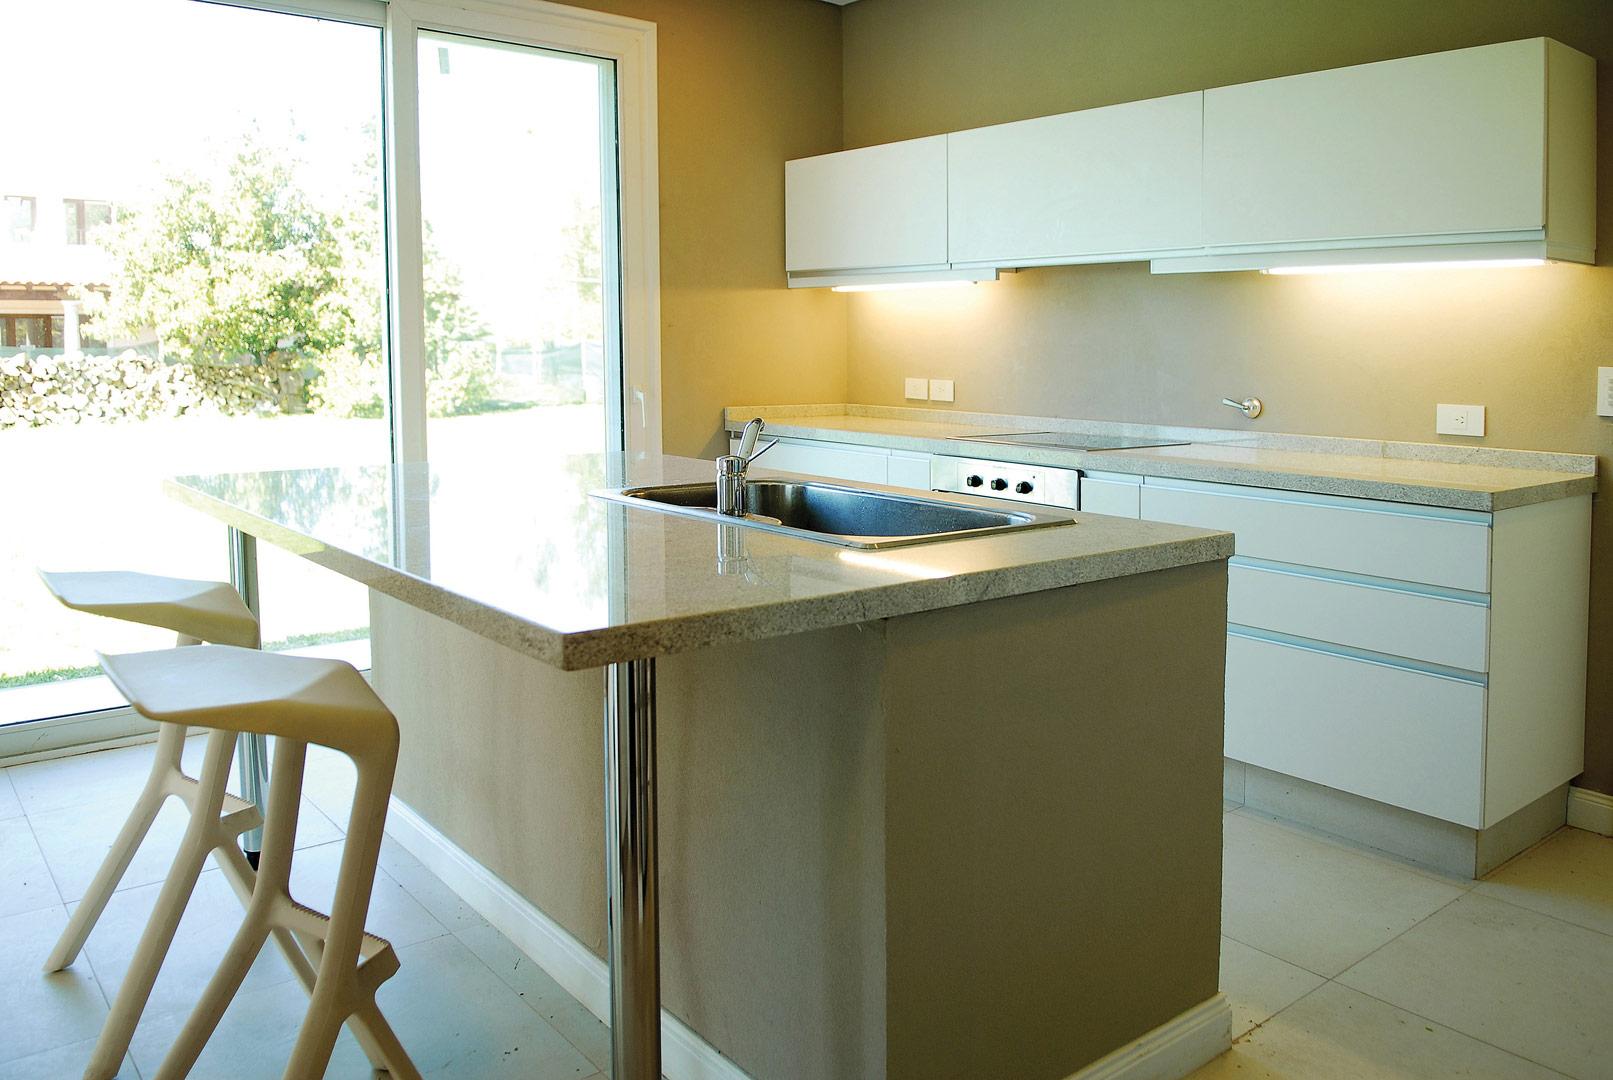 Estudio salaya blizniuk casa estilo actual - Estudio de arquitectos ...